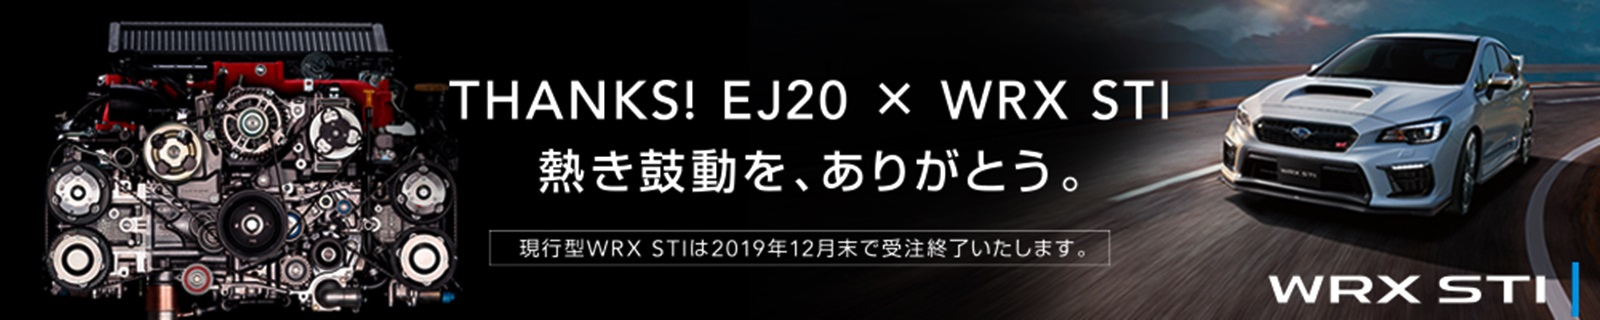 Subaru Wrx Sti Ej20 Final Edition (1)